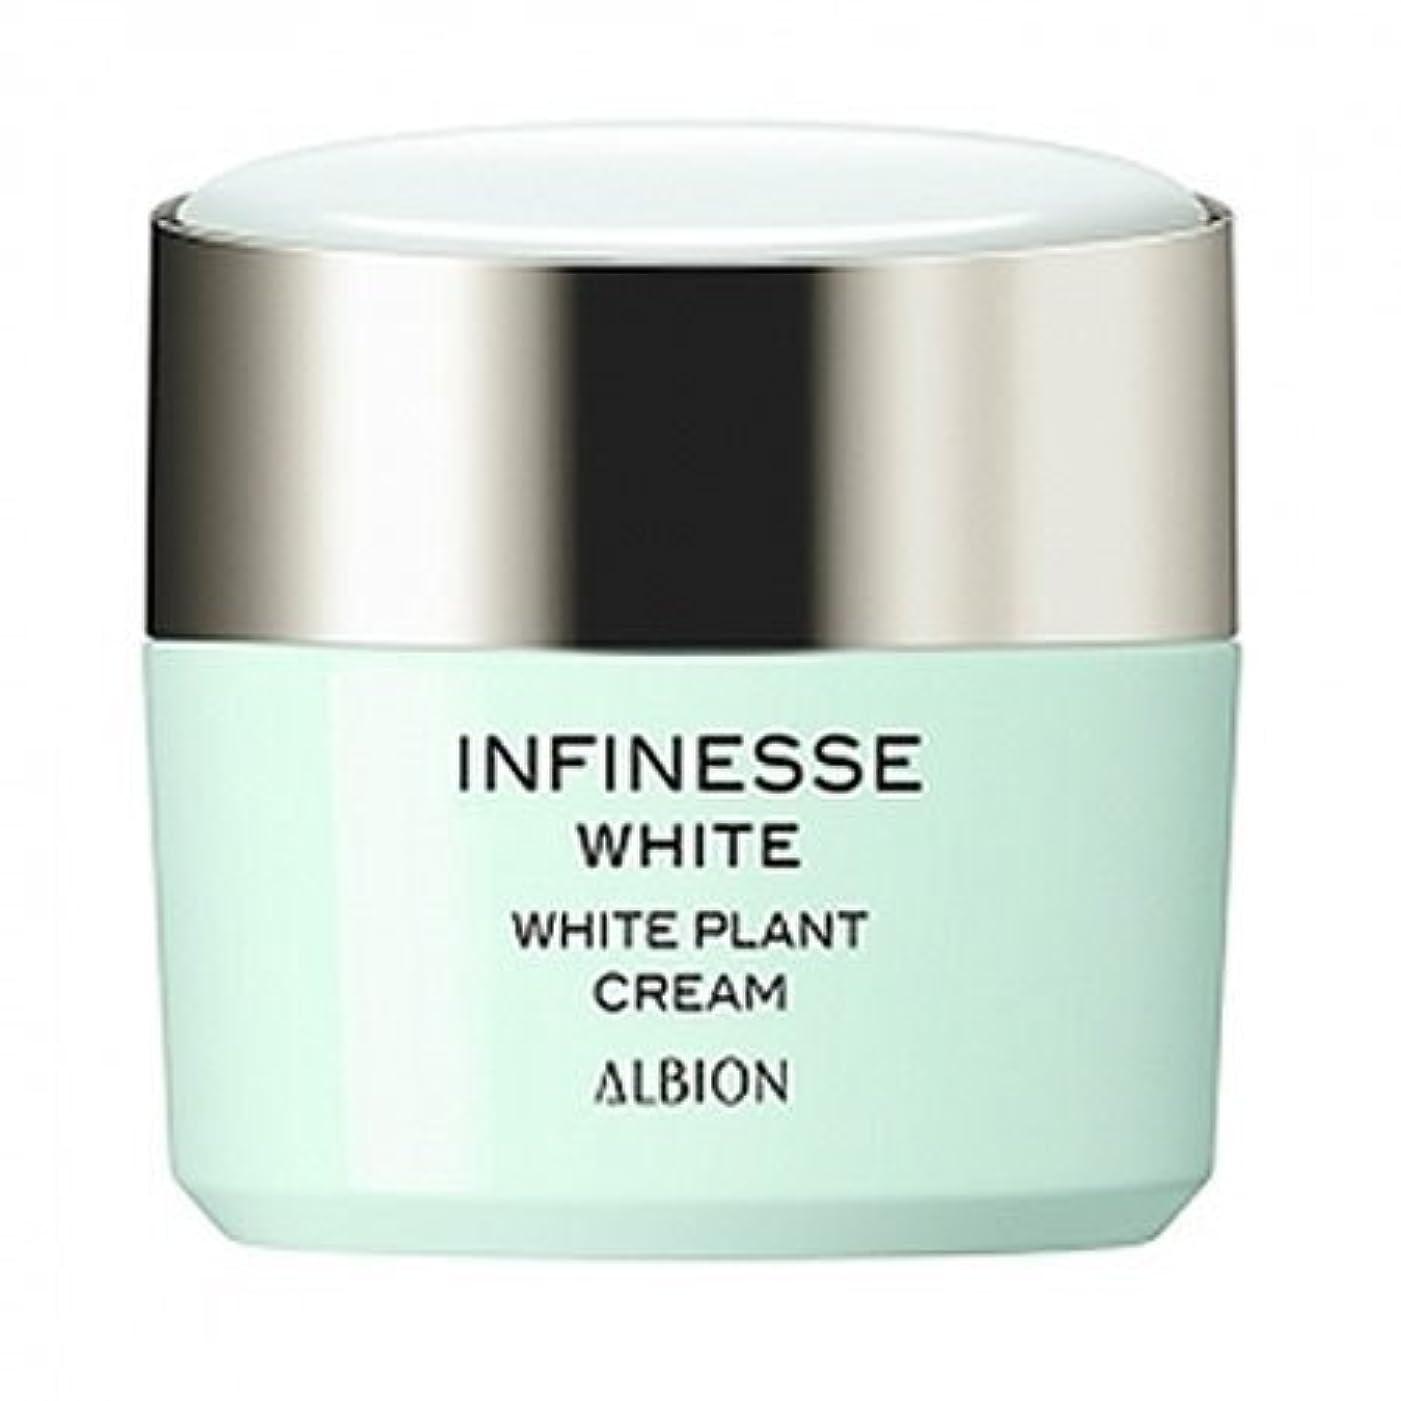 消毒剤旅アルプスアルビオン アンフィネスホワイト ホワイト プラント クリーム 30g-ALBION-